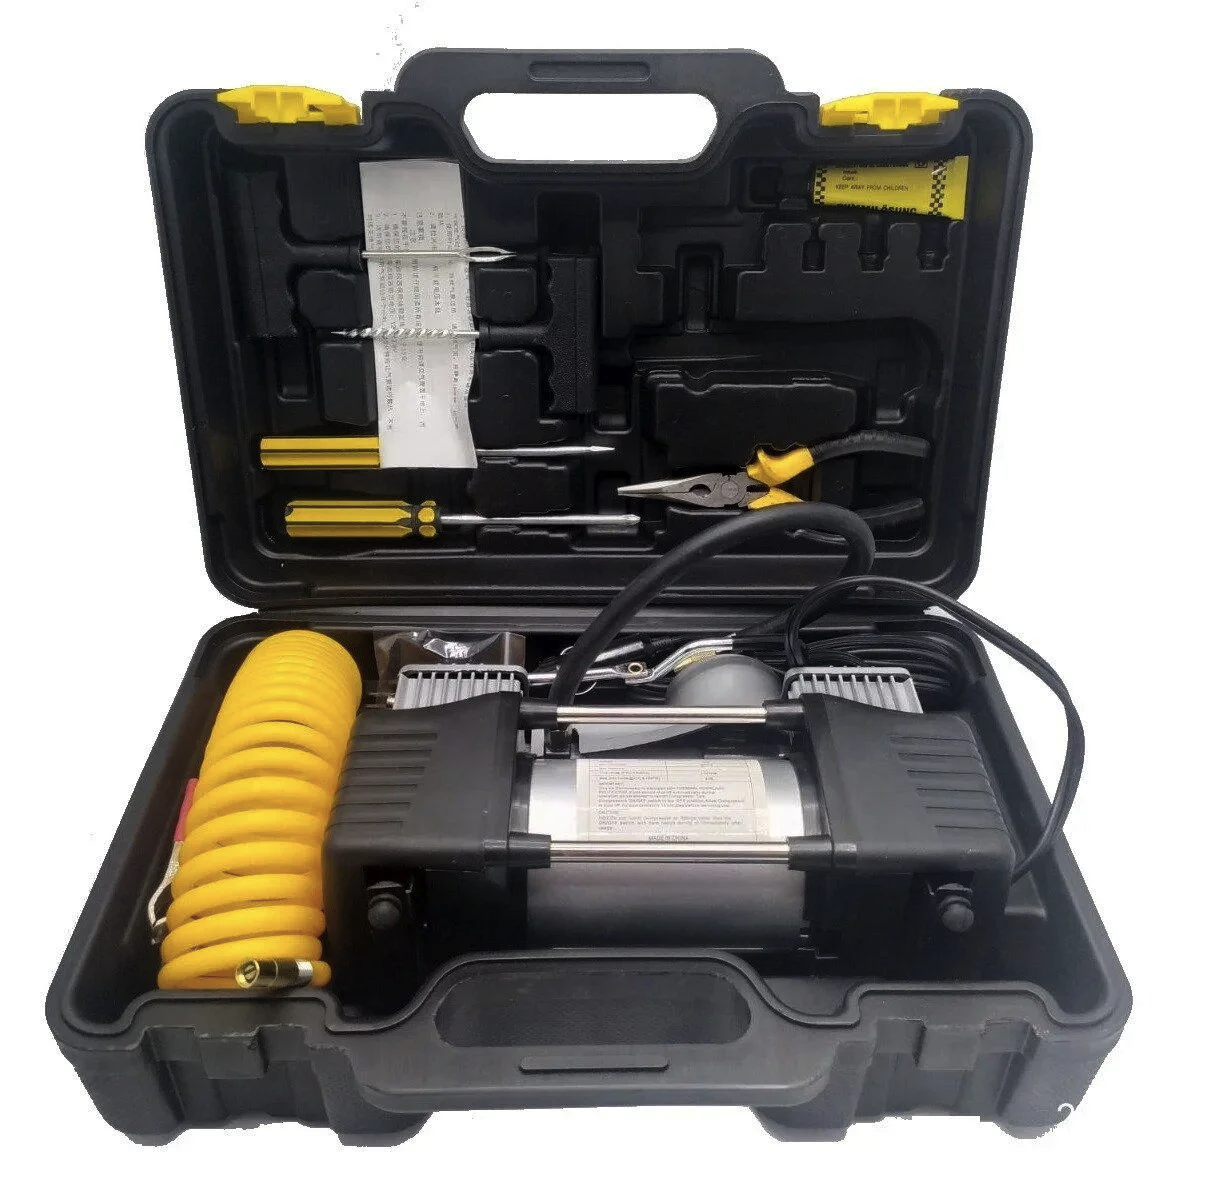 Автомобильный компрессор с набором инструментов BLACK.BOX 2m (DOUBLE BAR KIT TOOLBOX)